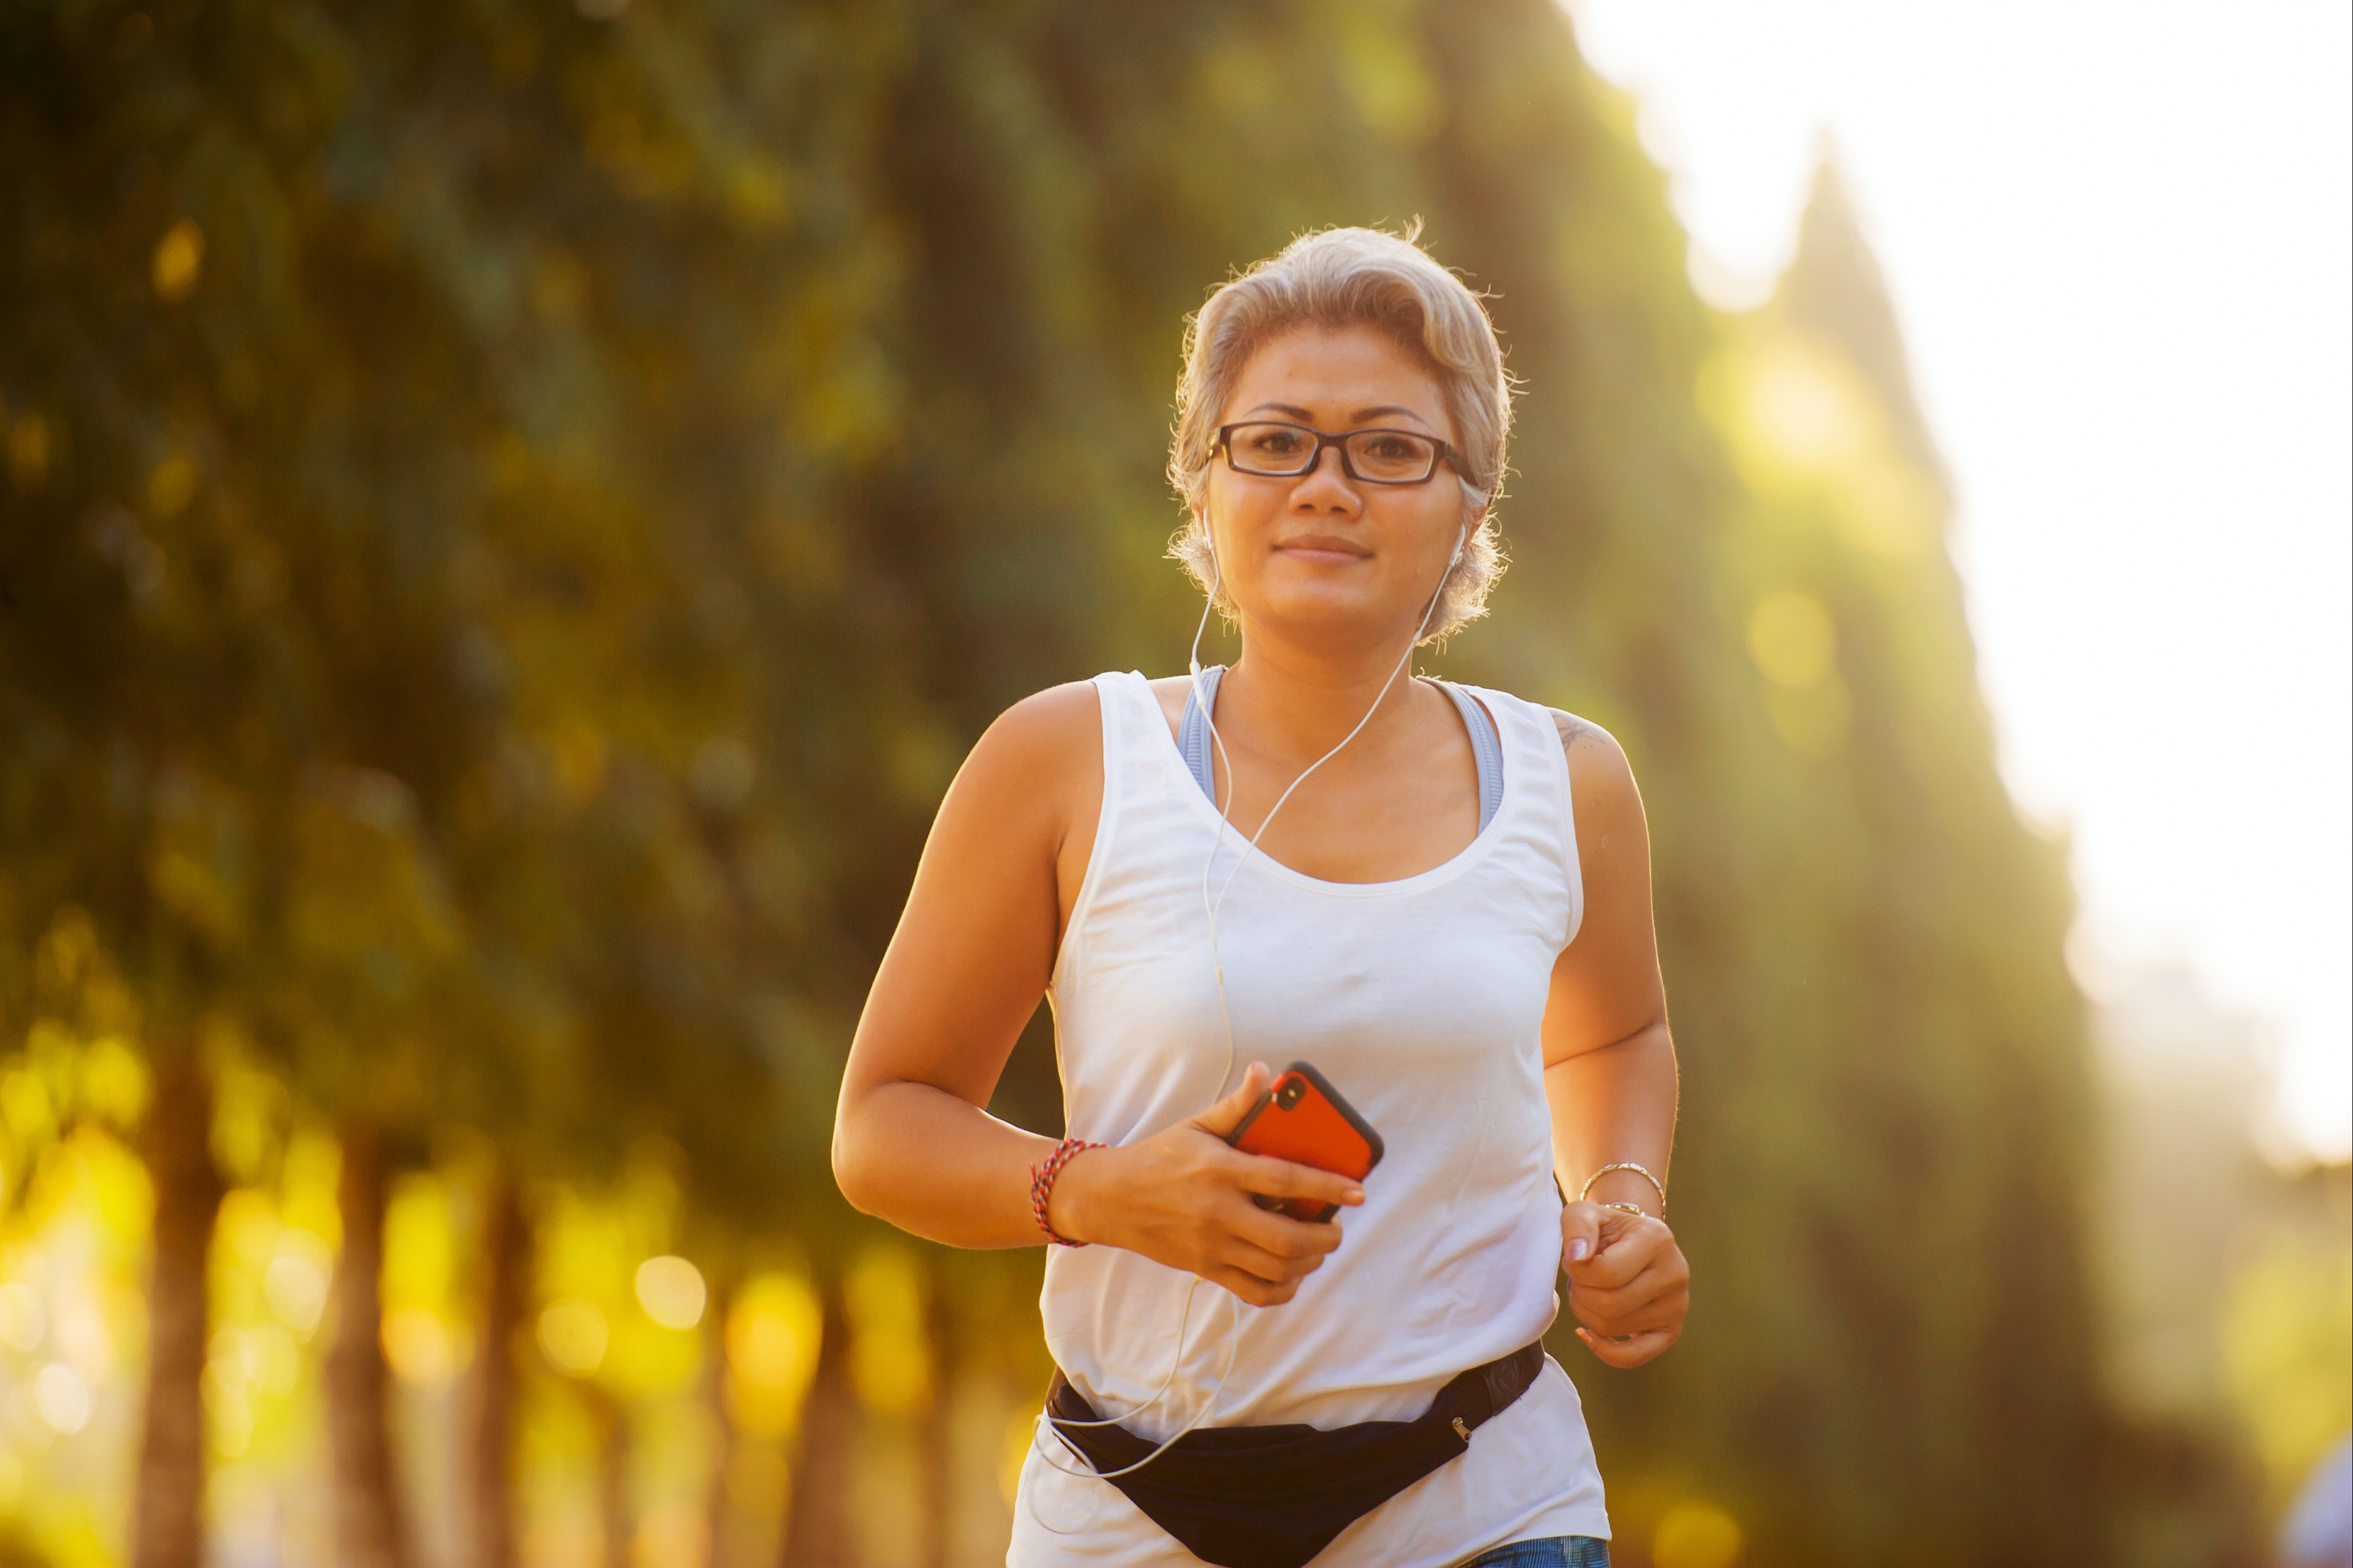 woman-running-outdoors